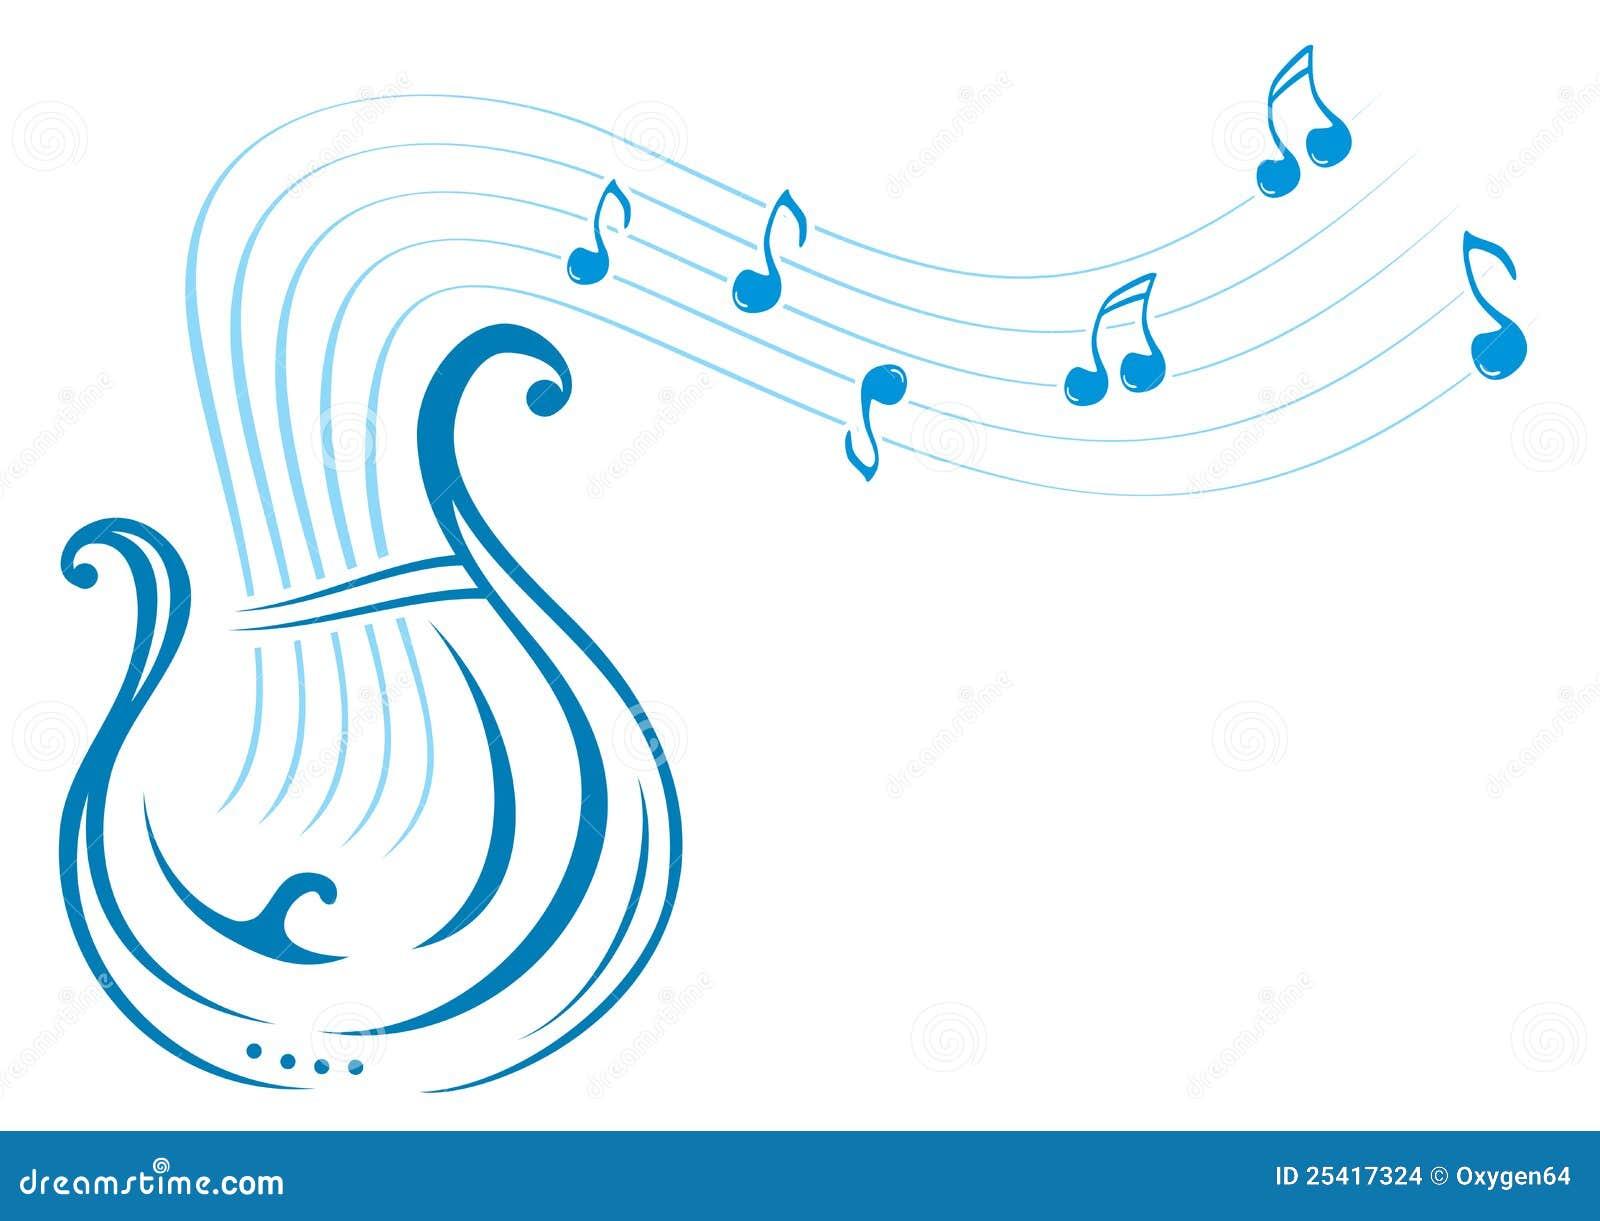 里拉琴音乐图片